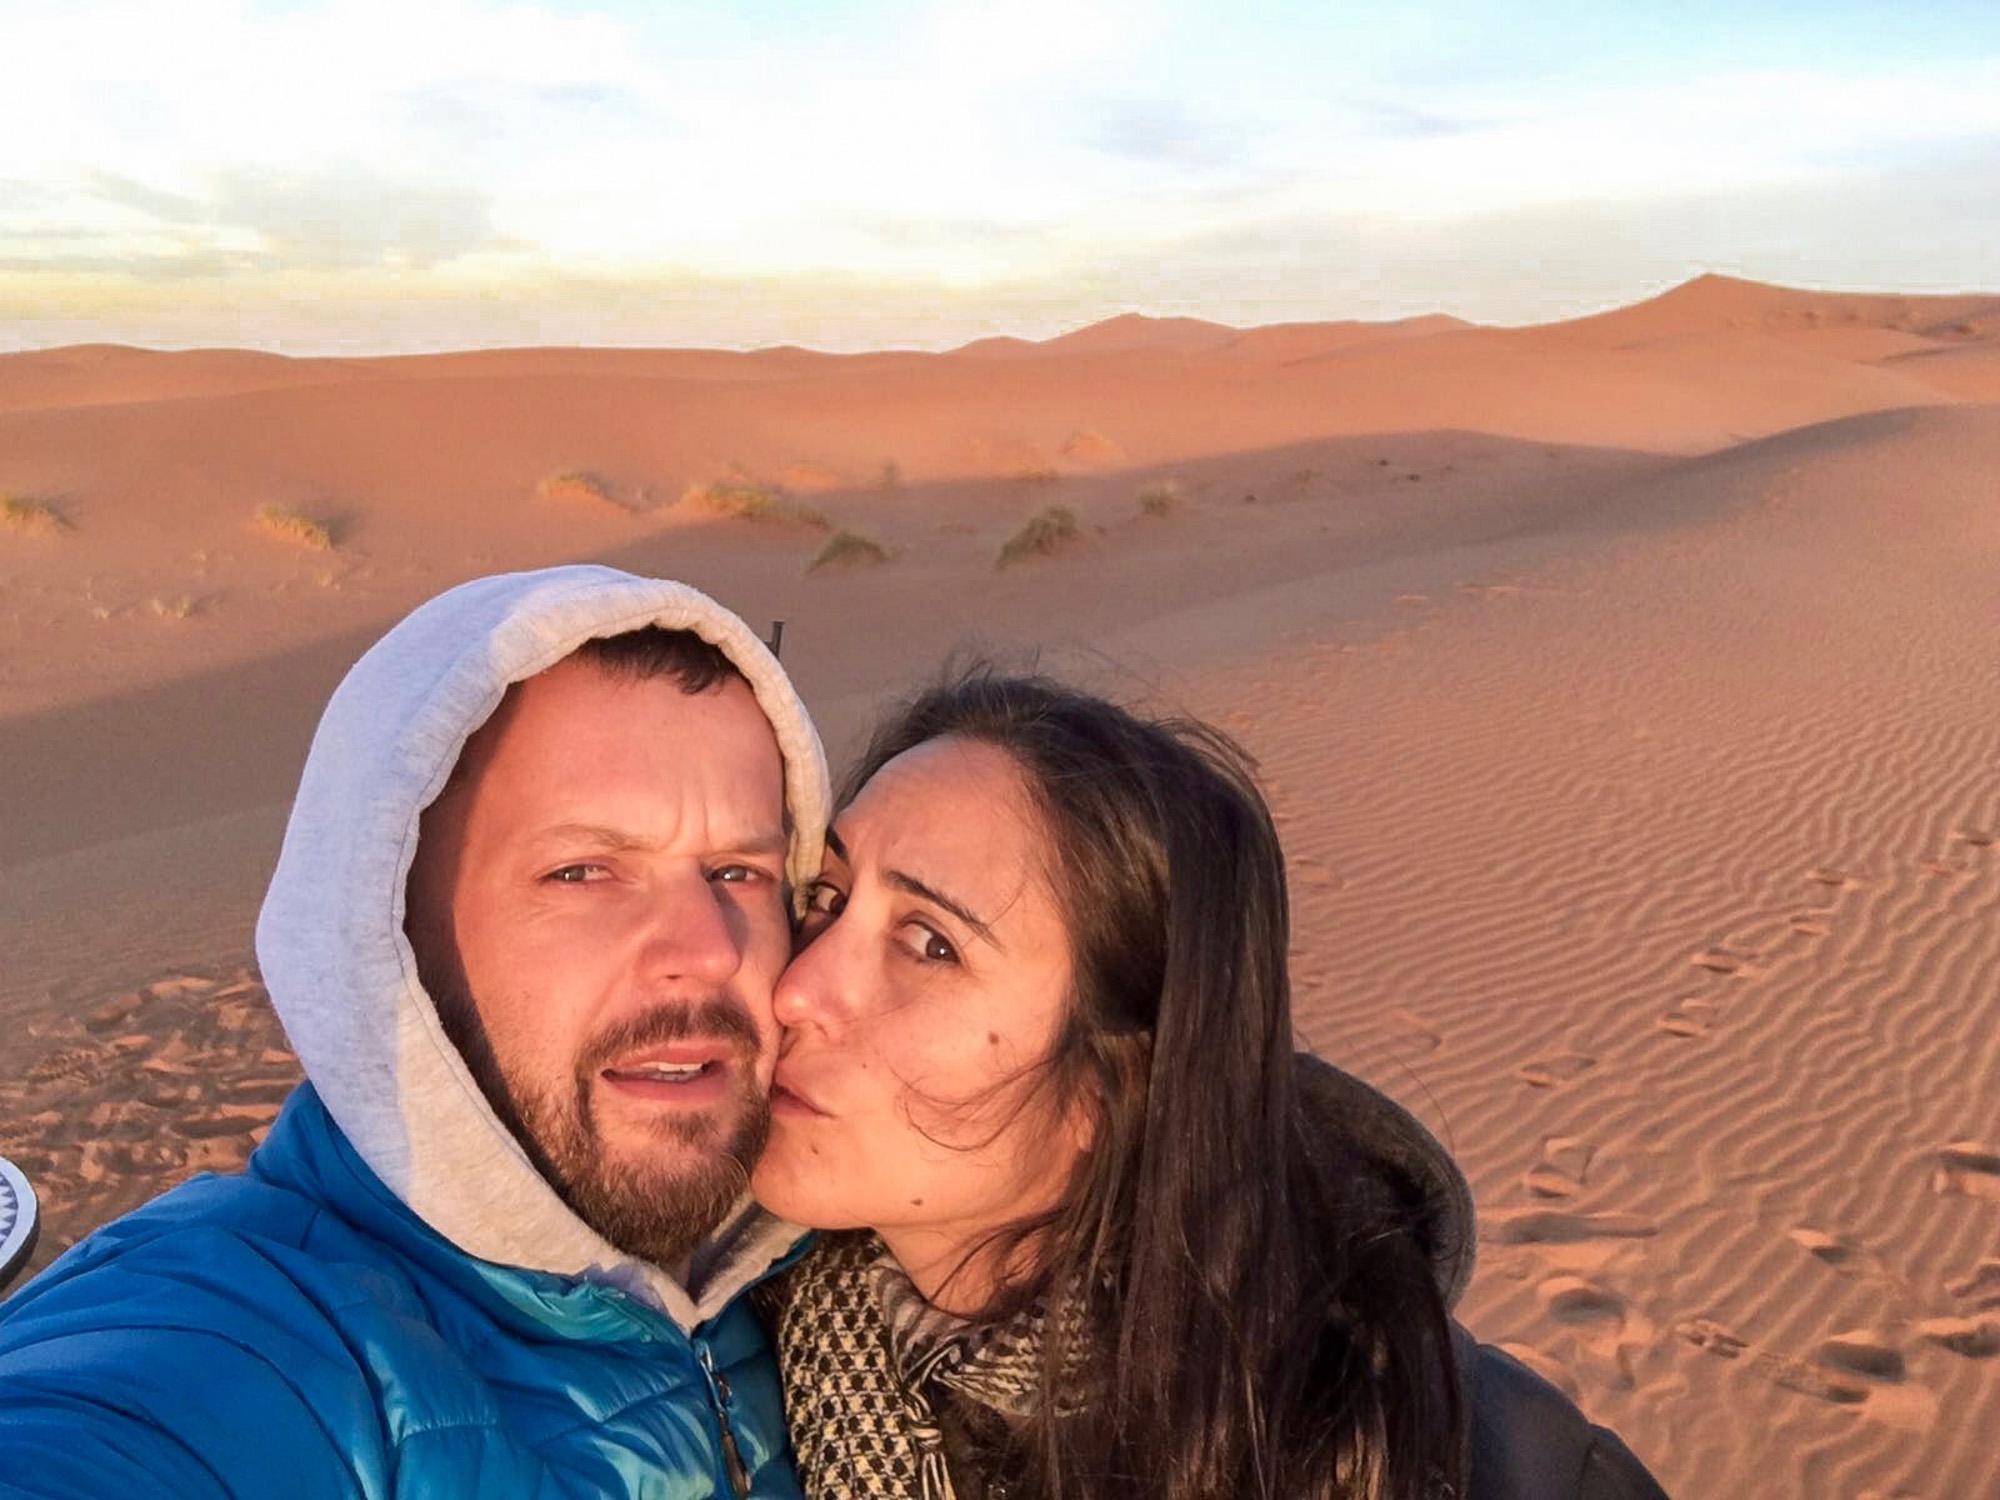 cuarto-aniversario-de-boda, mar vidal, Miguel Alvarez, boda, matrimonio, aniversario, esposos, la casa de mar, interiorismo, viajes, relatos, reflexiones.